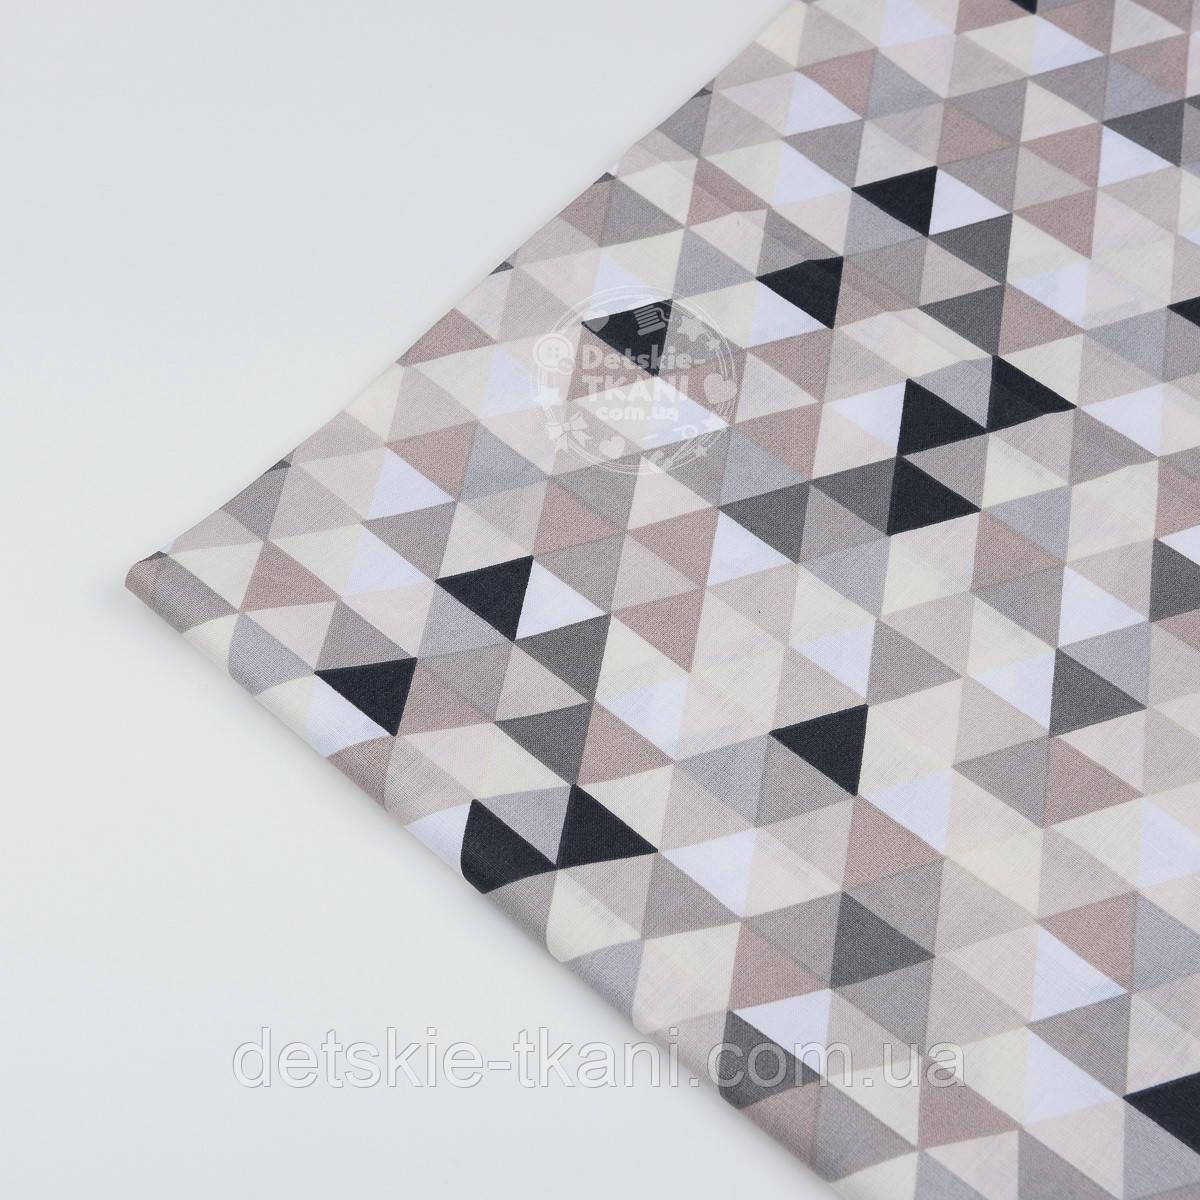 Отрез ткани с маленькими коричневыми и серыми треугольниками №1242а